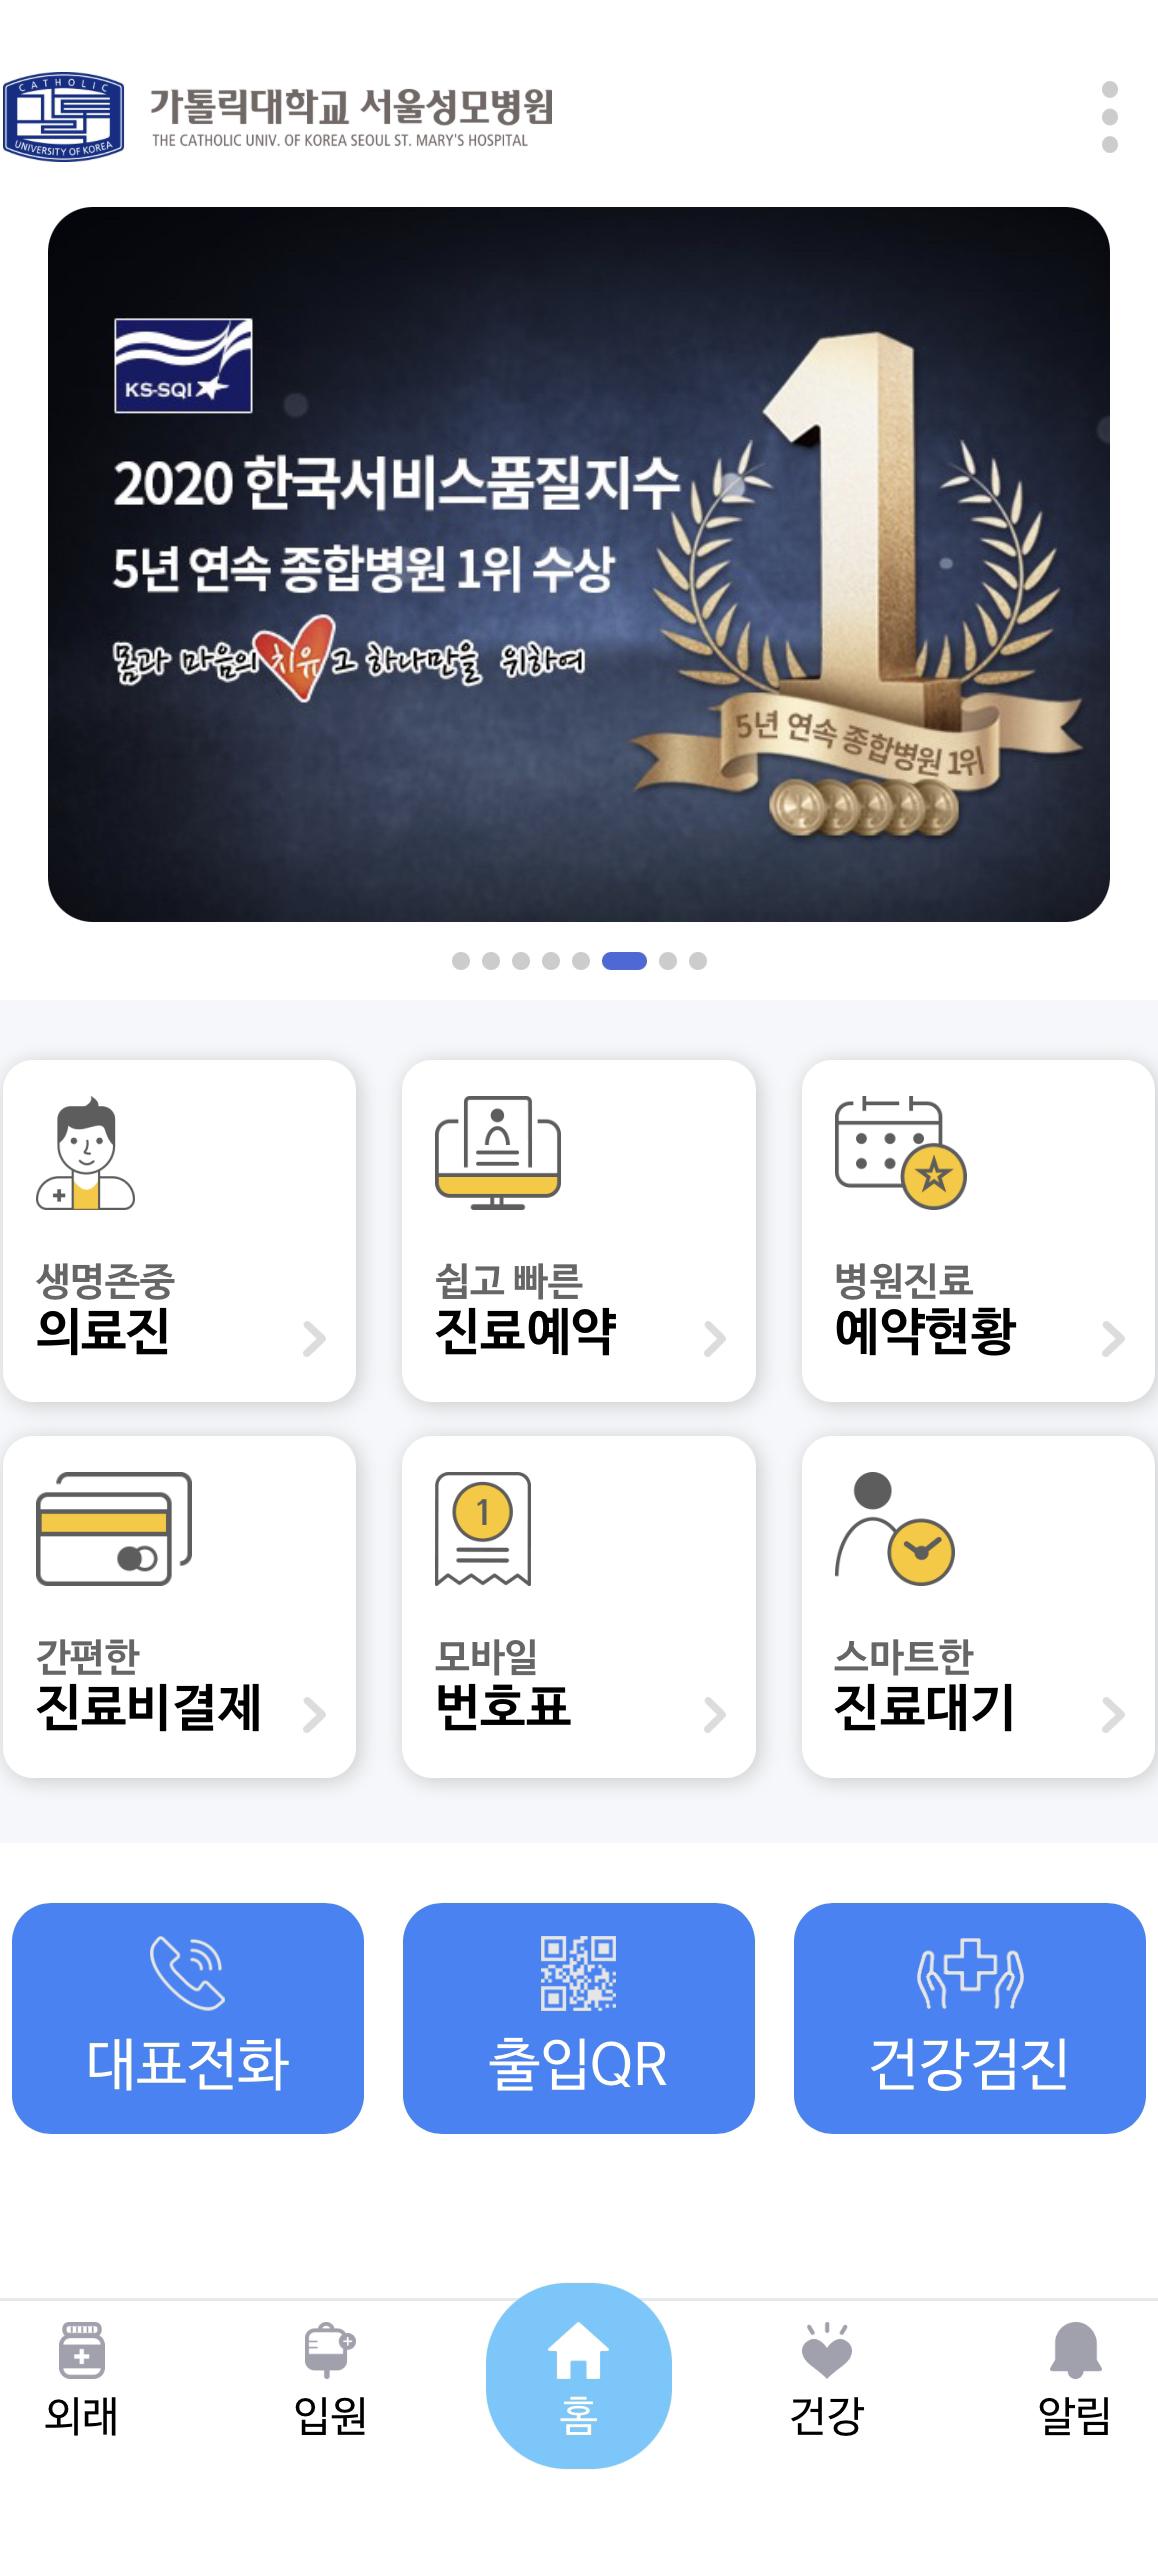 사진1. 서울성모병원 모바일 어플리케이션 화면